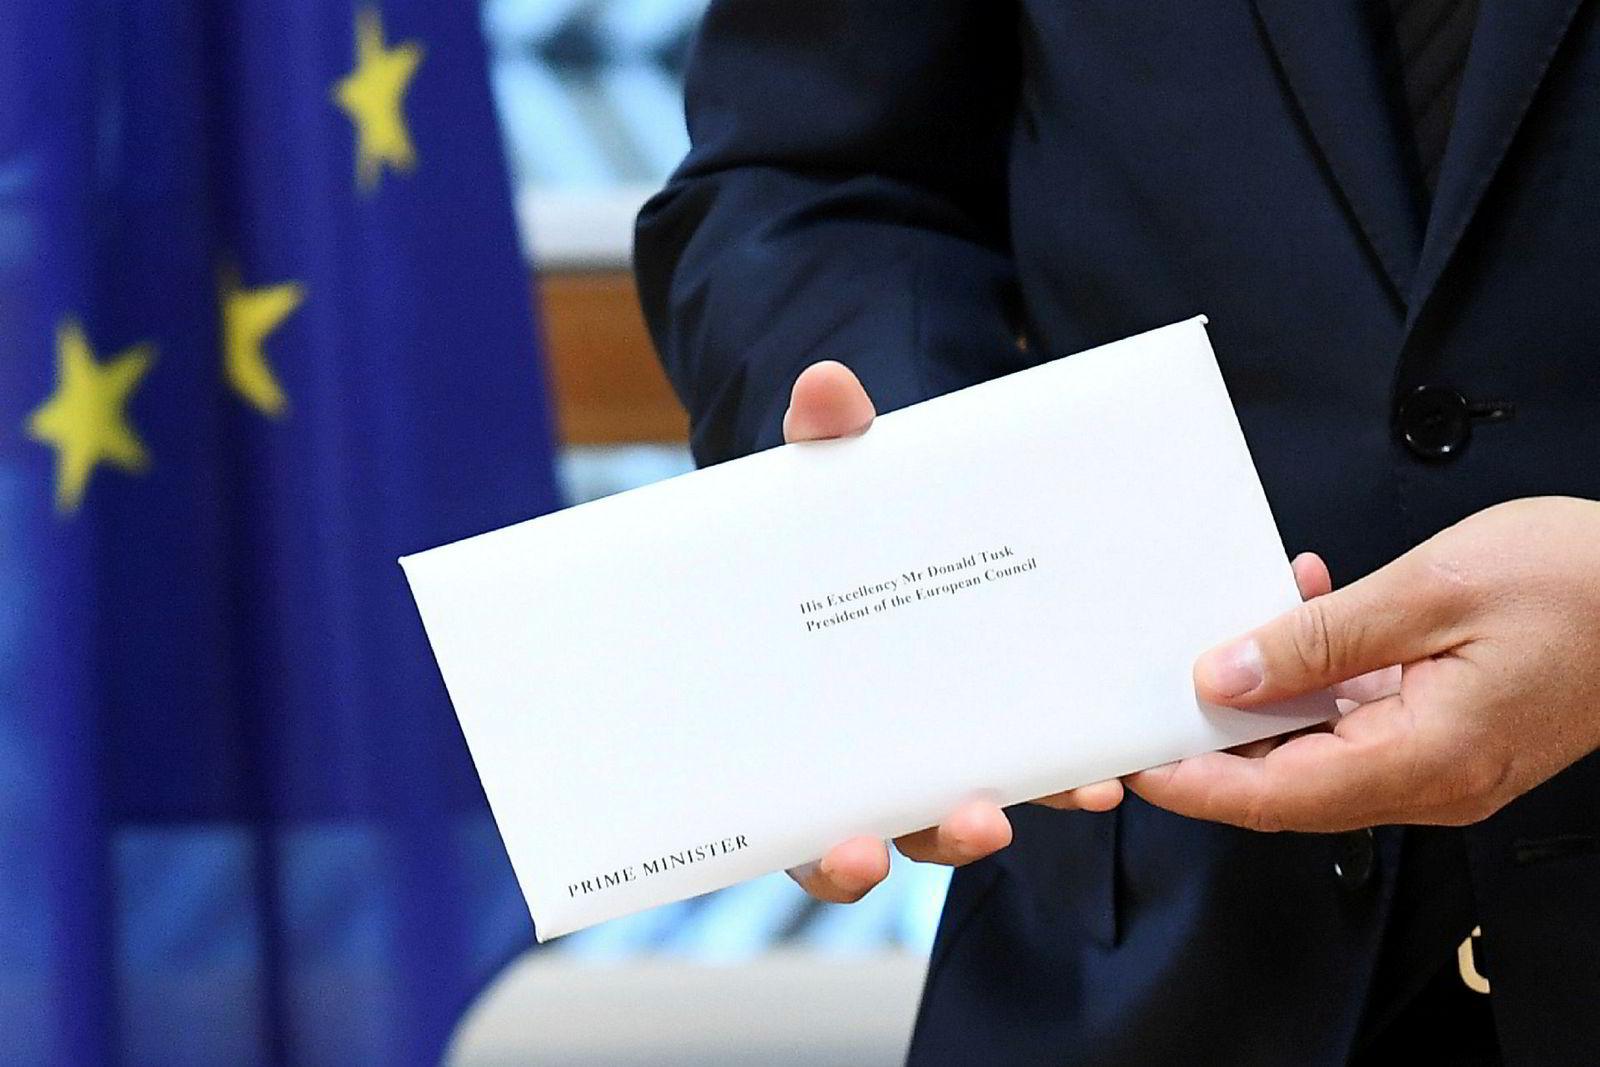 29. mars 2017: Theresa May skrev under på skilsmissebrevet fra EU i slutten av mars. Dette uløste formelt artikkel 50 i Lisboa-traktaten – startskuddet for partene til å bli enige om en avtale innen to år. En kurer brakte brevet videre til Brussel og EU-president Donald Tusk.